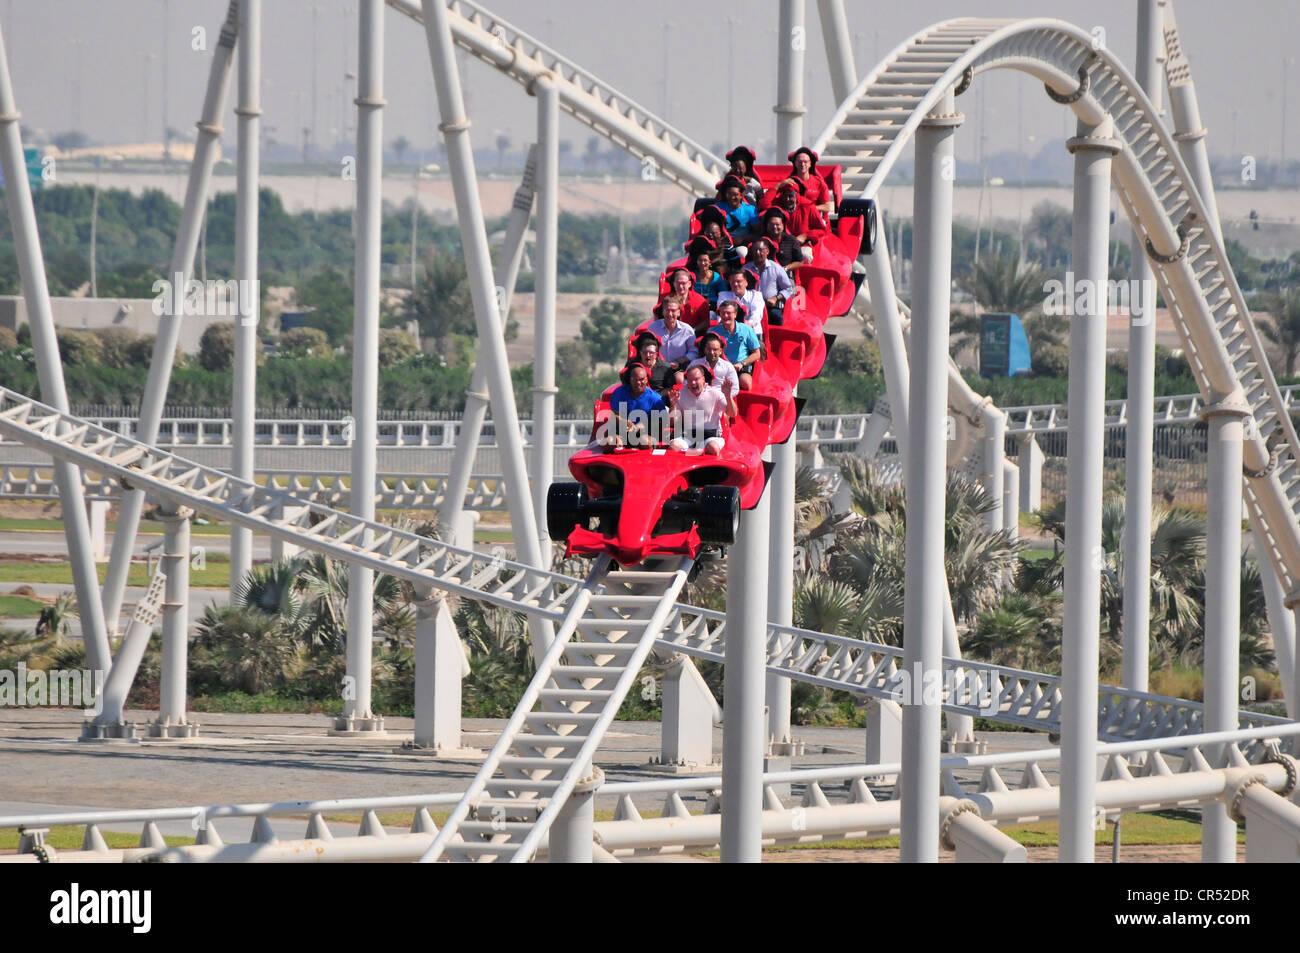 Ferrari World Roller Coaster Stockfotos Und Bilder Kaufen Alamy